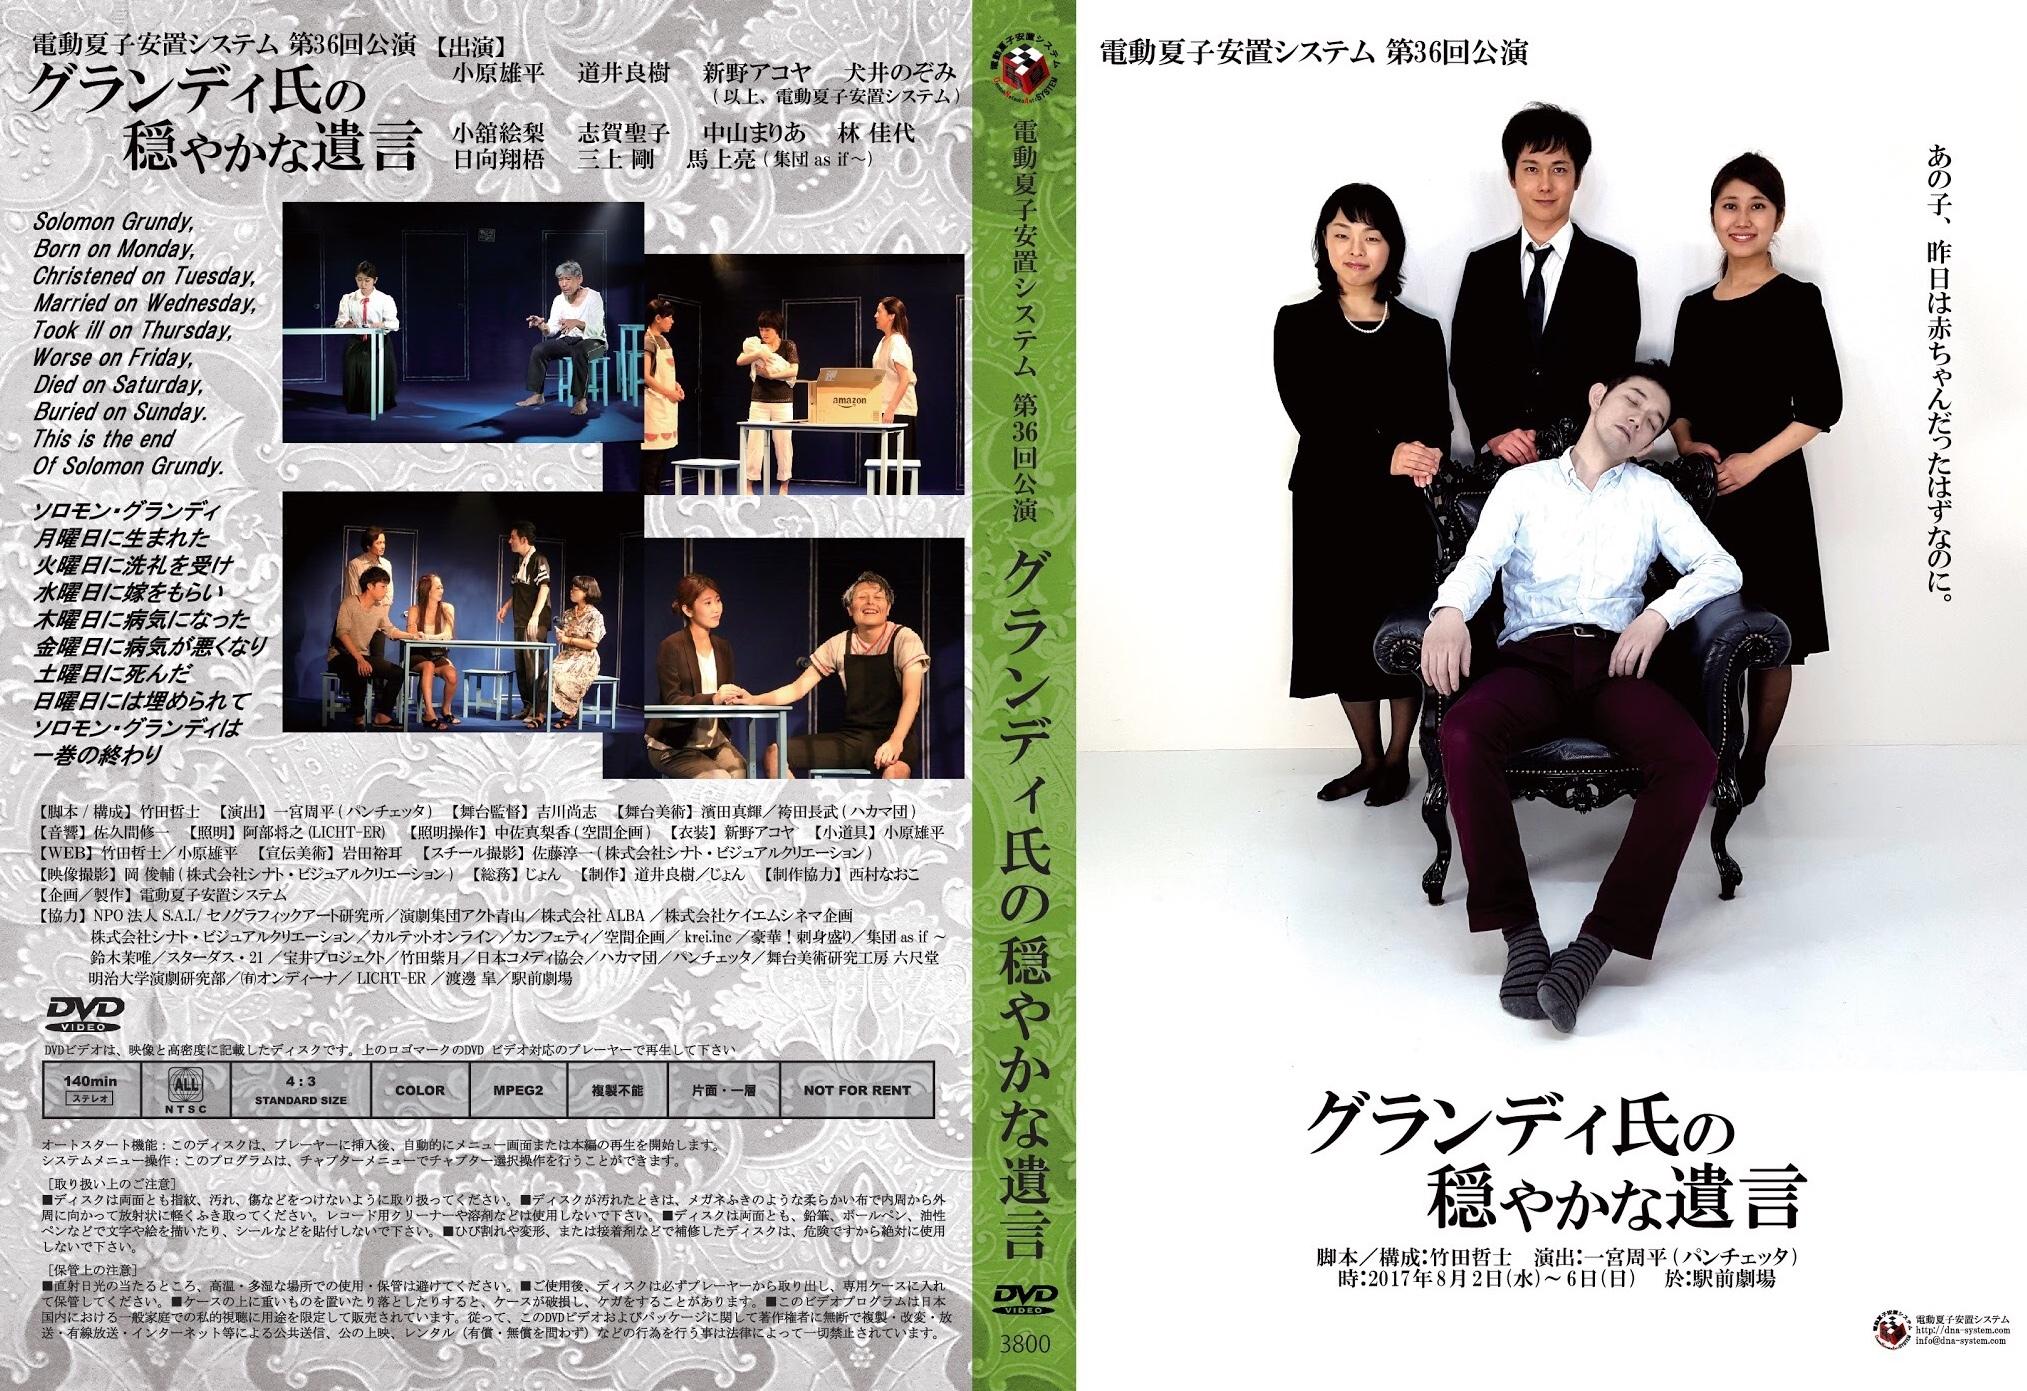 DVD 第36回公演『グランディ氏の穏やかな遺言』